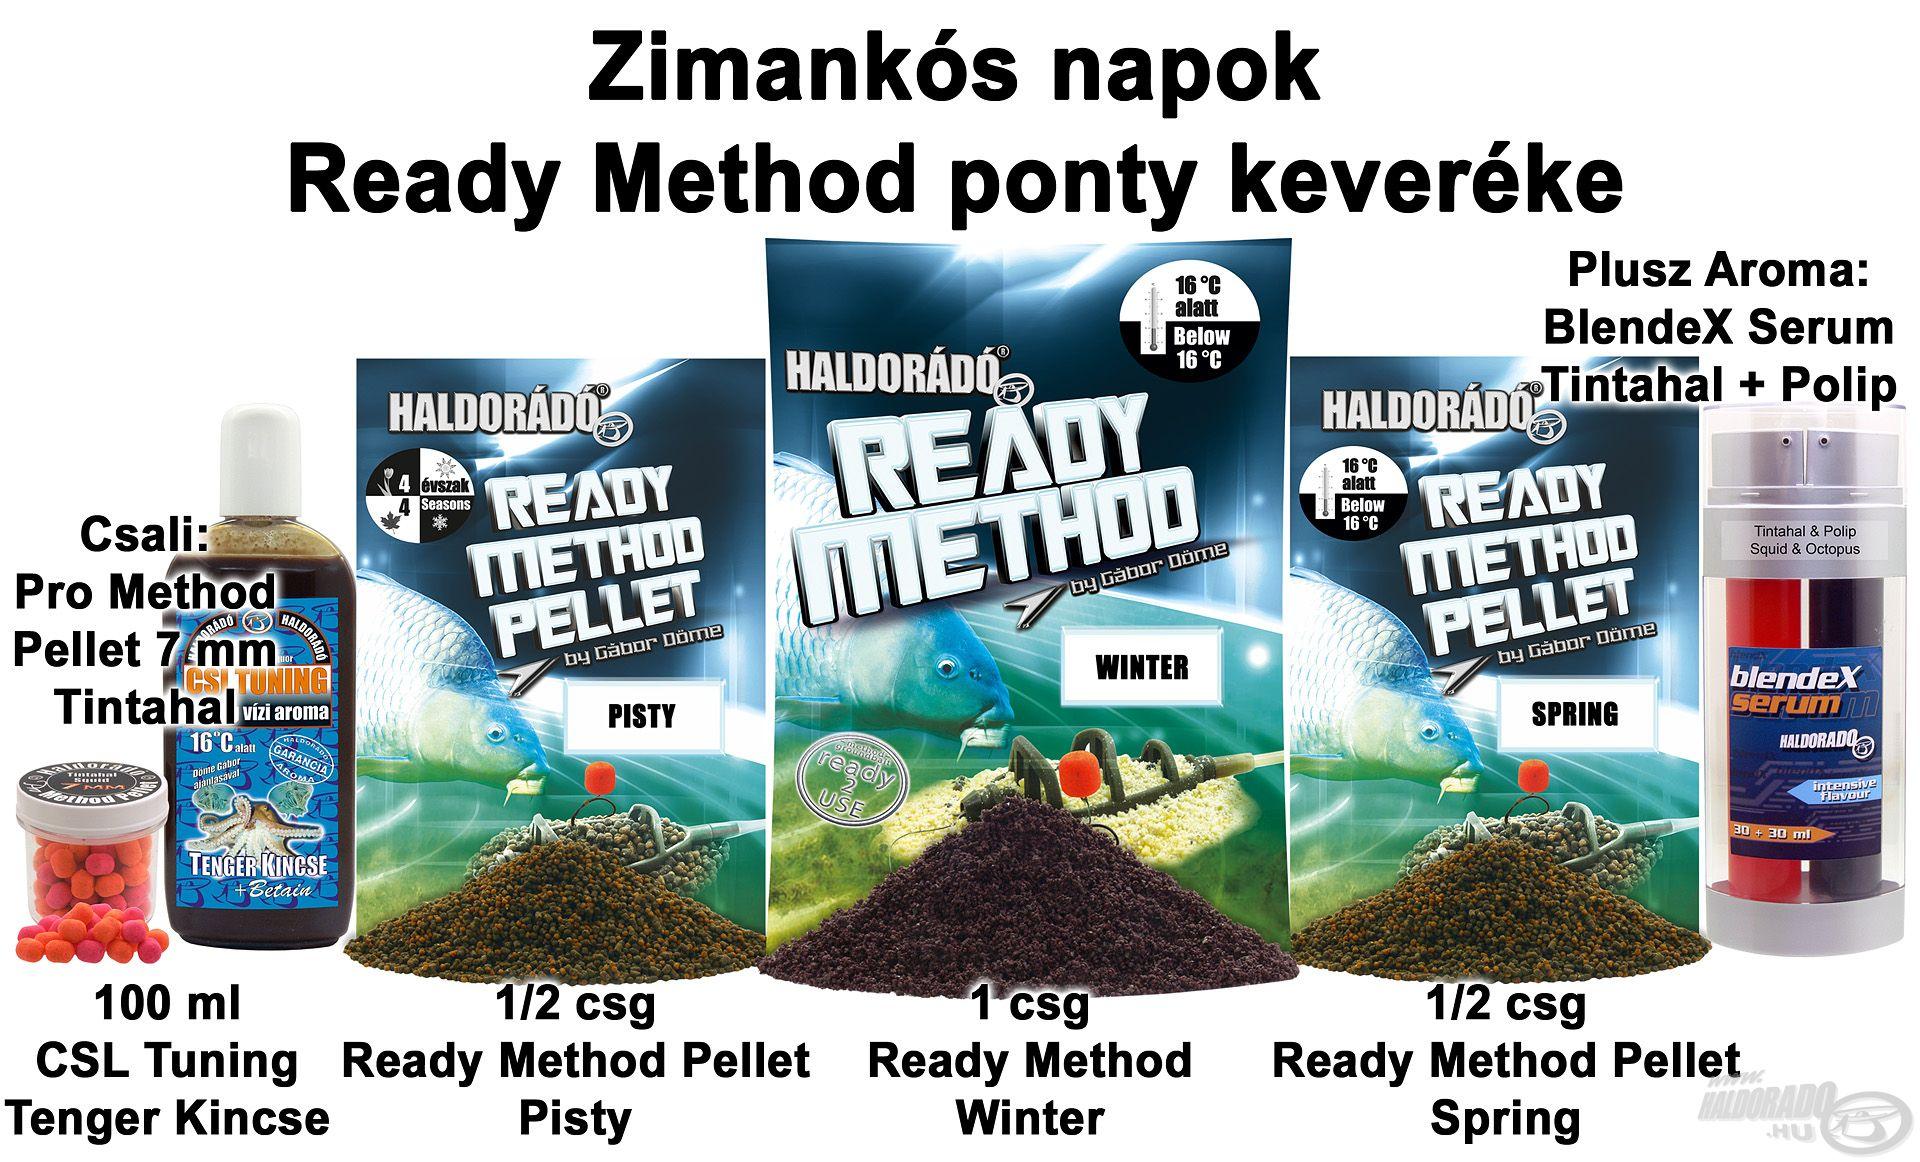 Zimankós napok Ready Method ponty keveréke